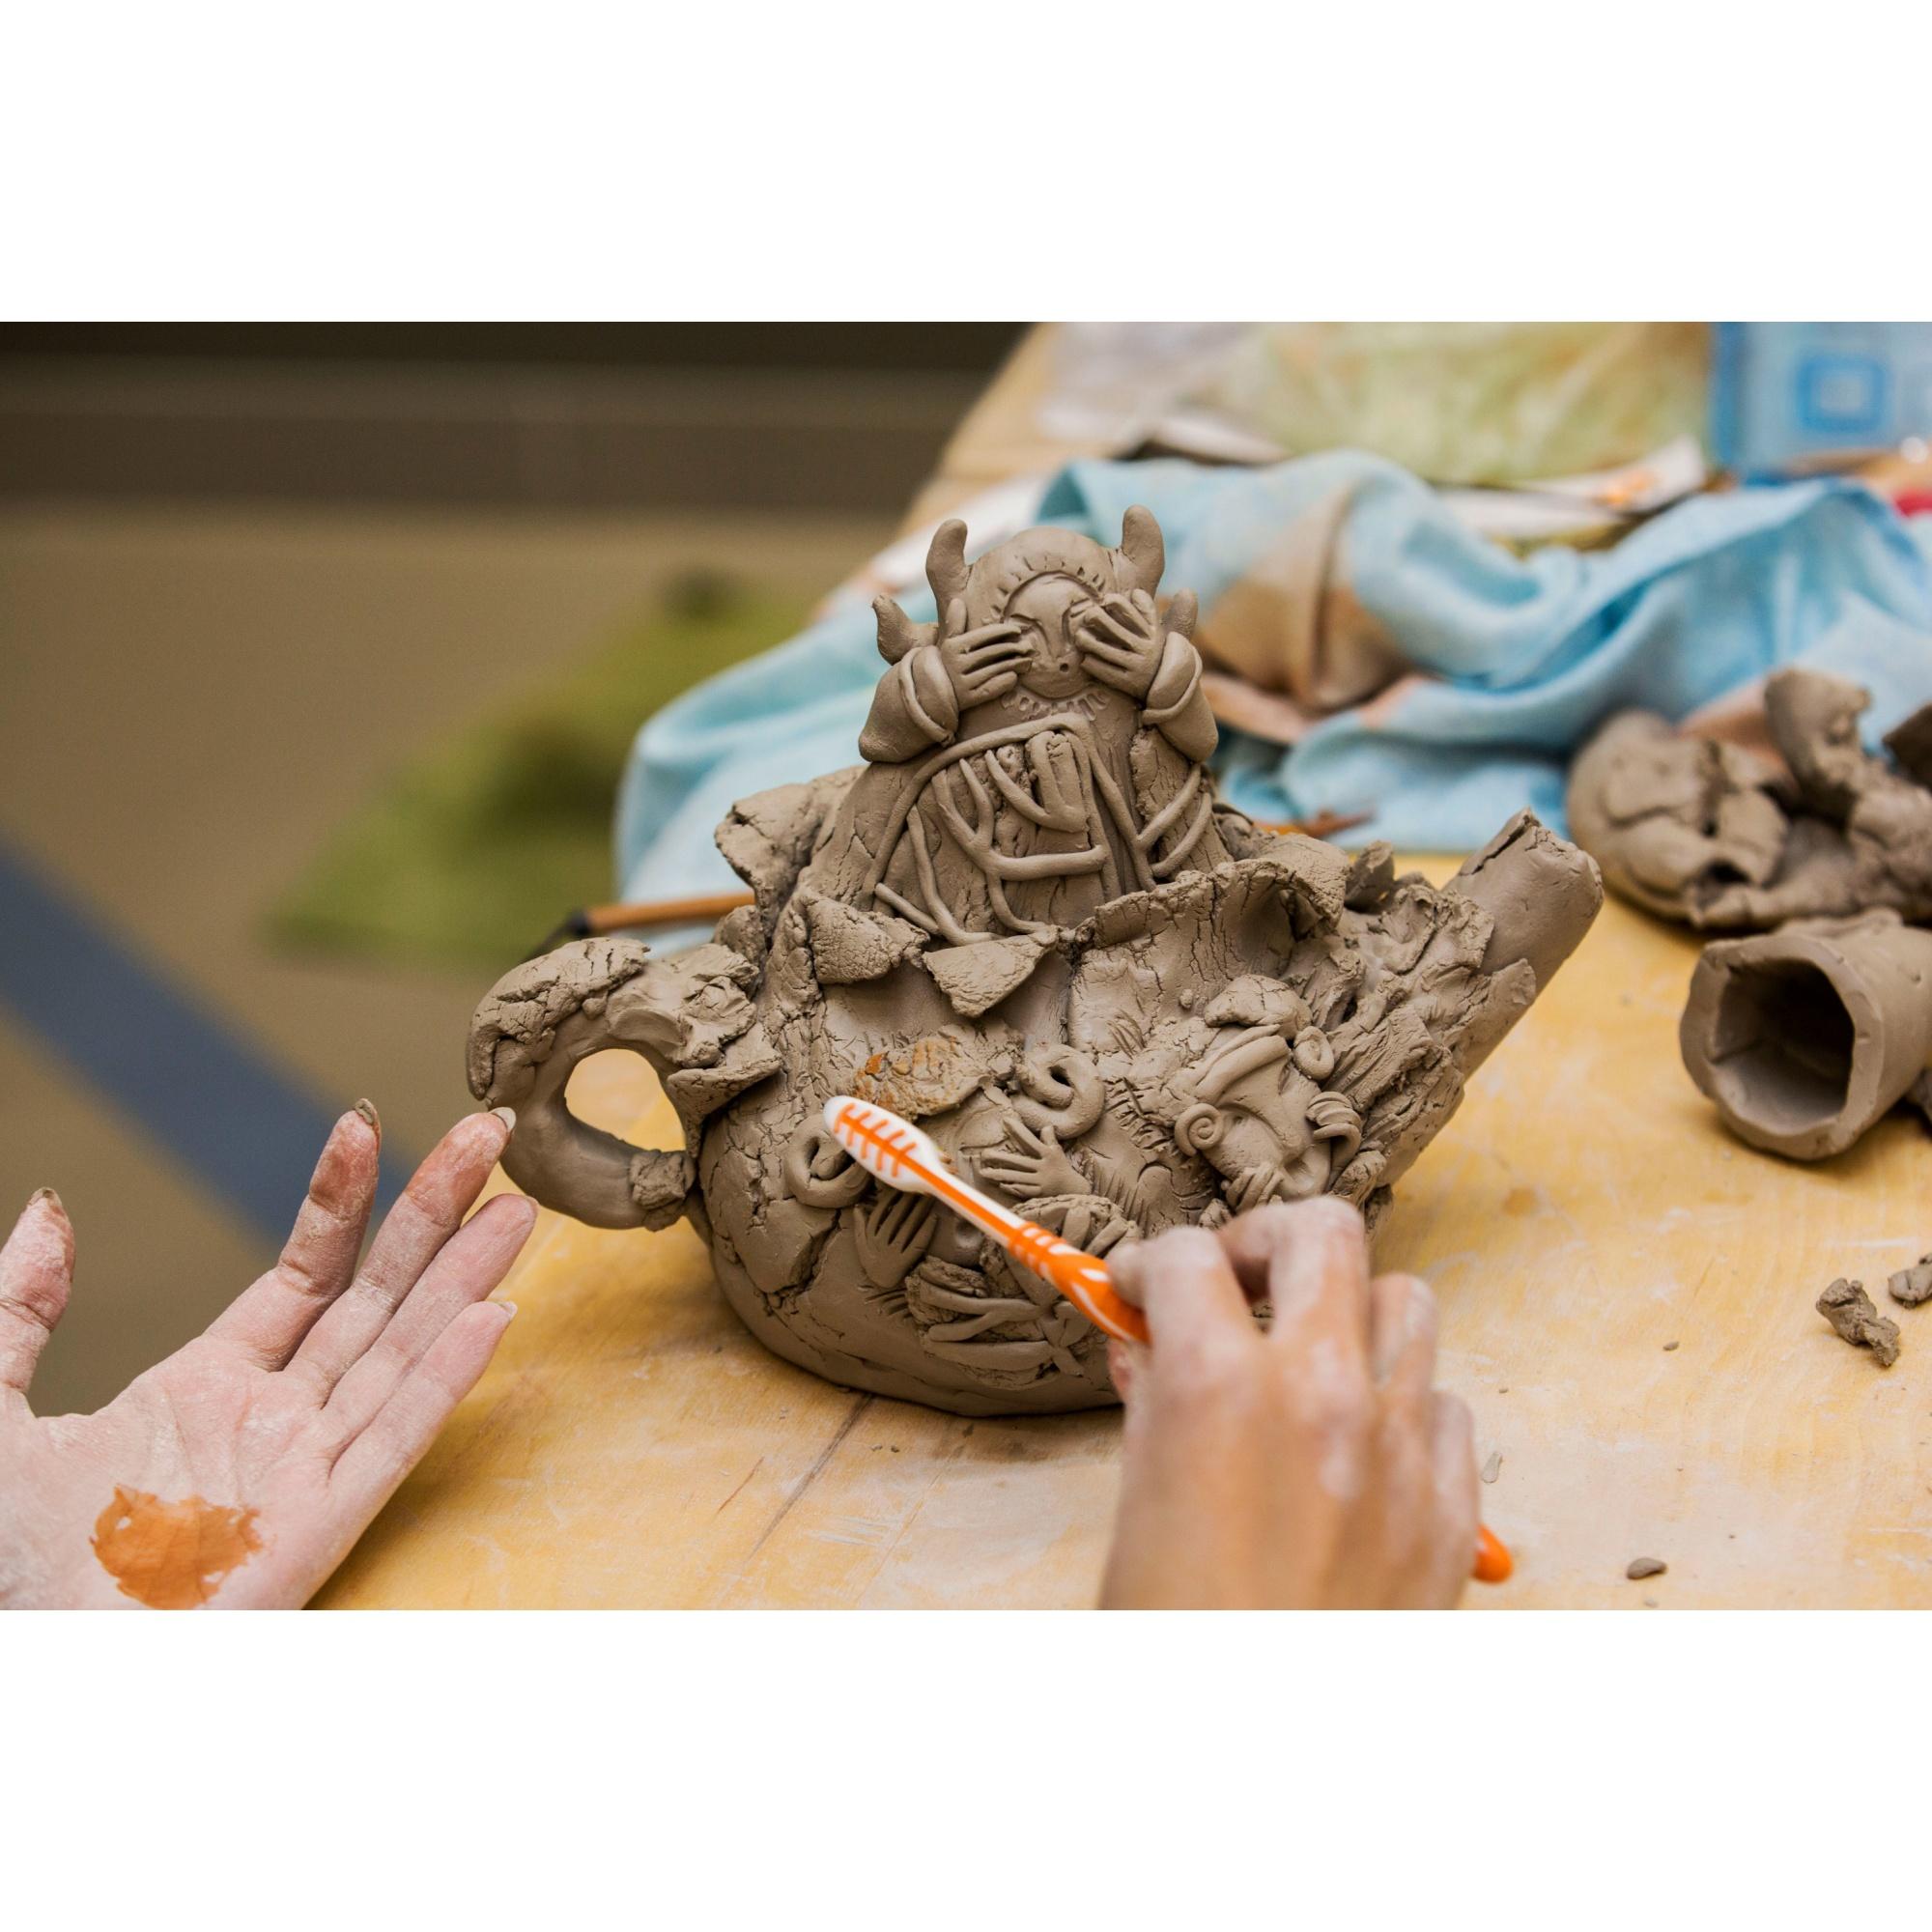 Керамисты использовали разные инструменты в работе, в том числе зубные щётки